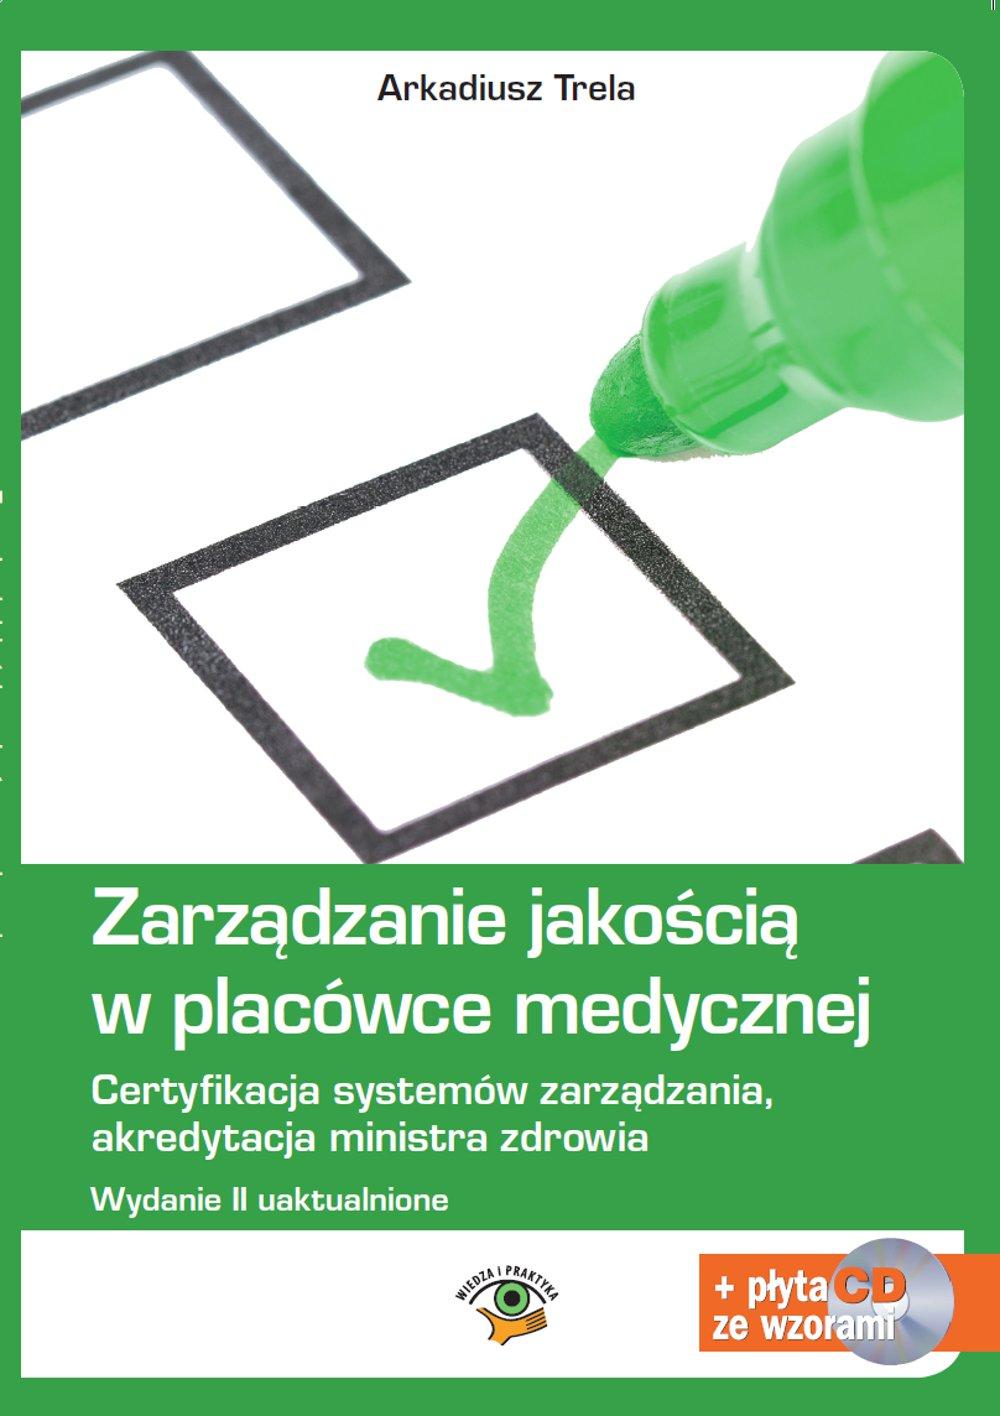 Zarządzanie jakością w placówce medycznej. Wydanie II - Ebook (Książka EPUB) do pobrania w formacie EPUB